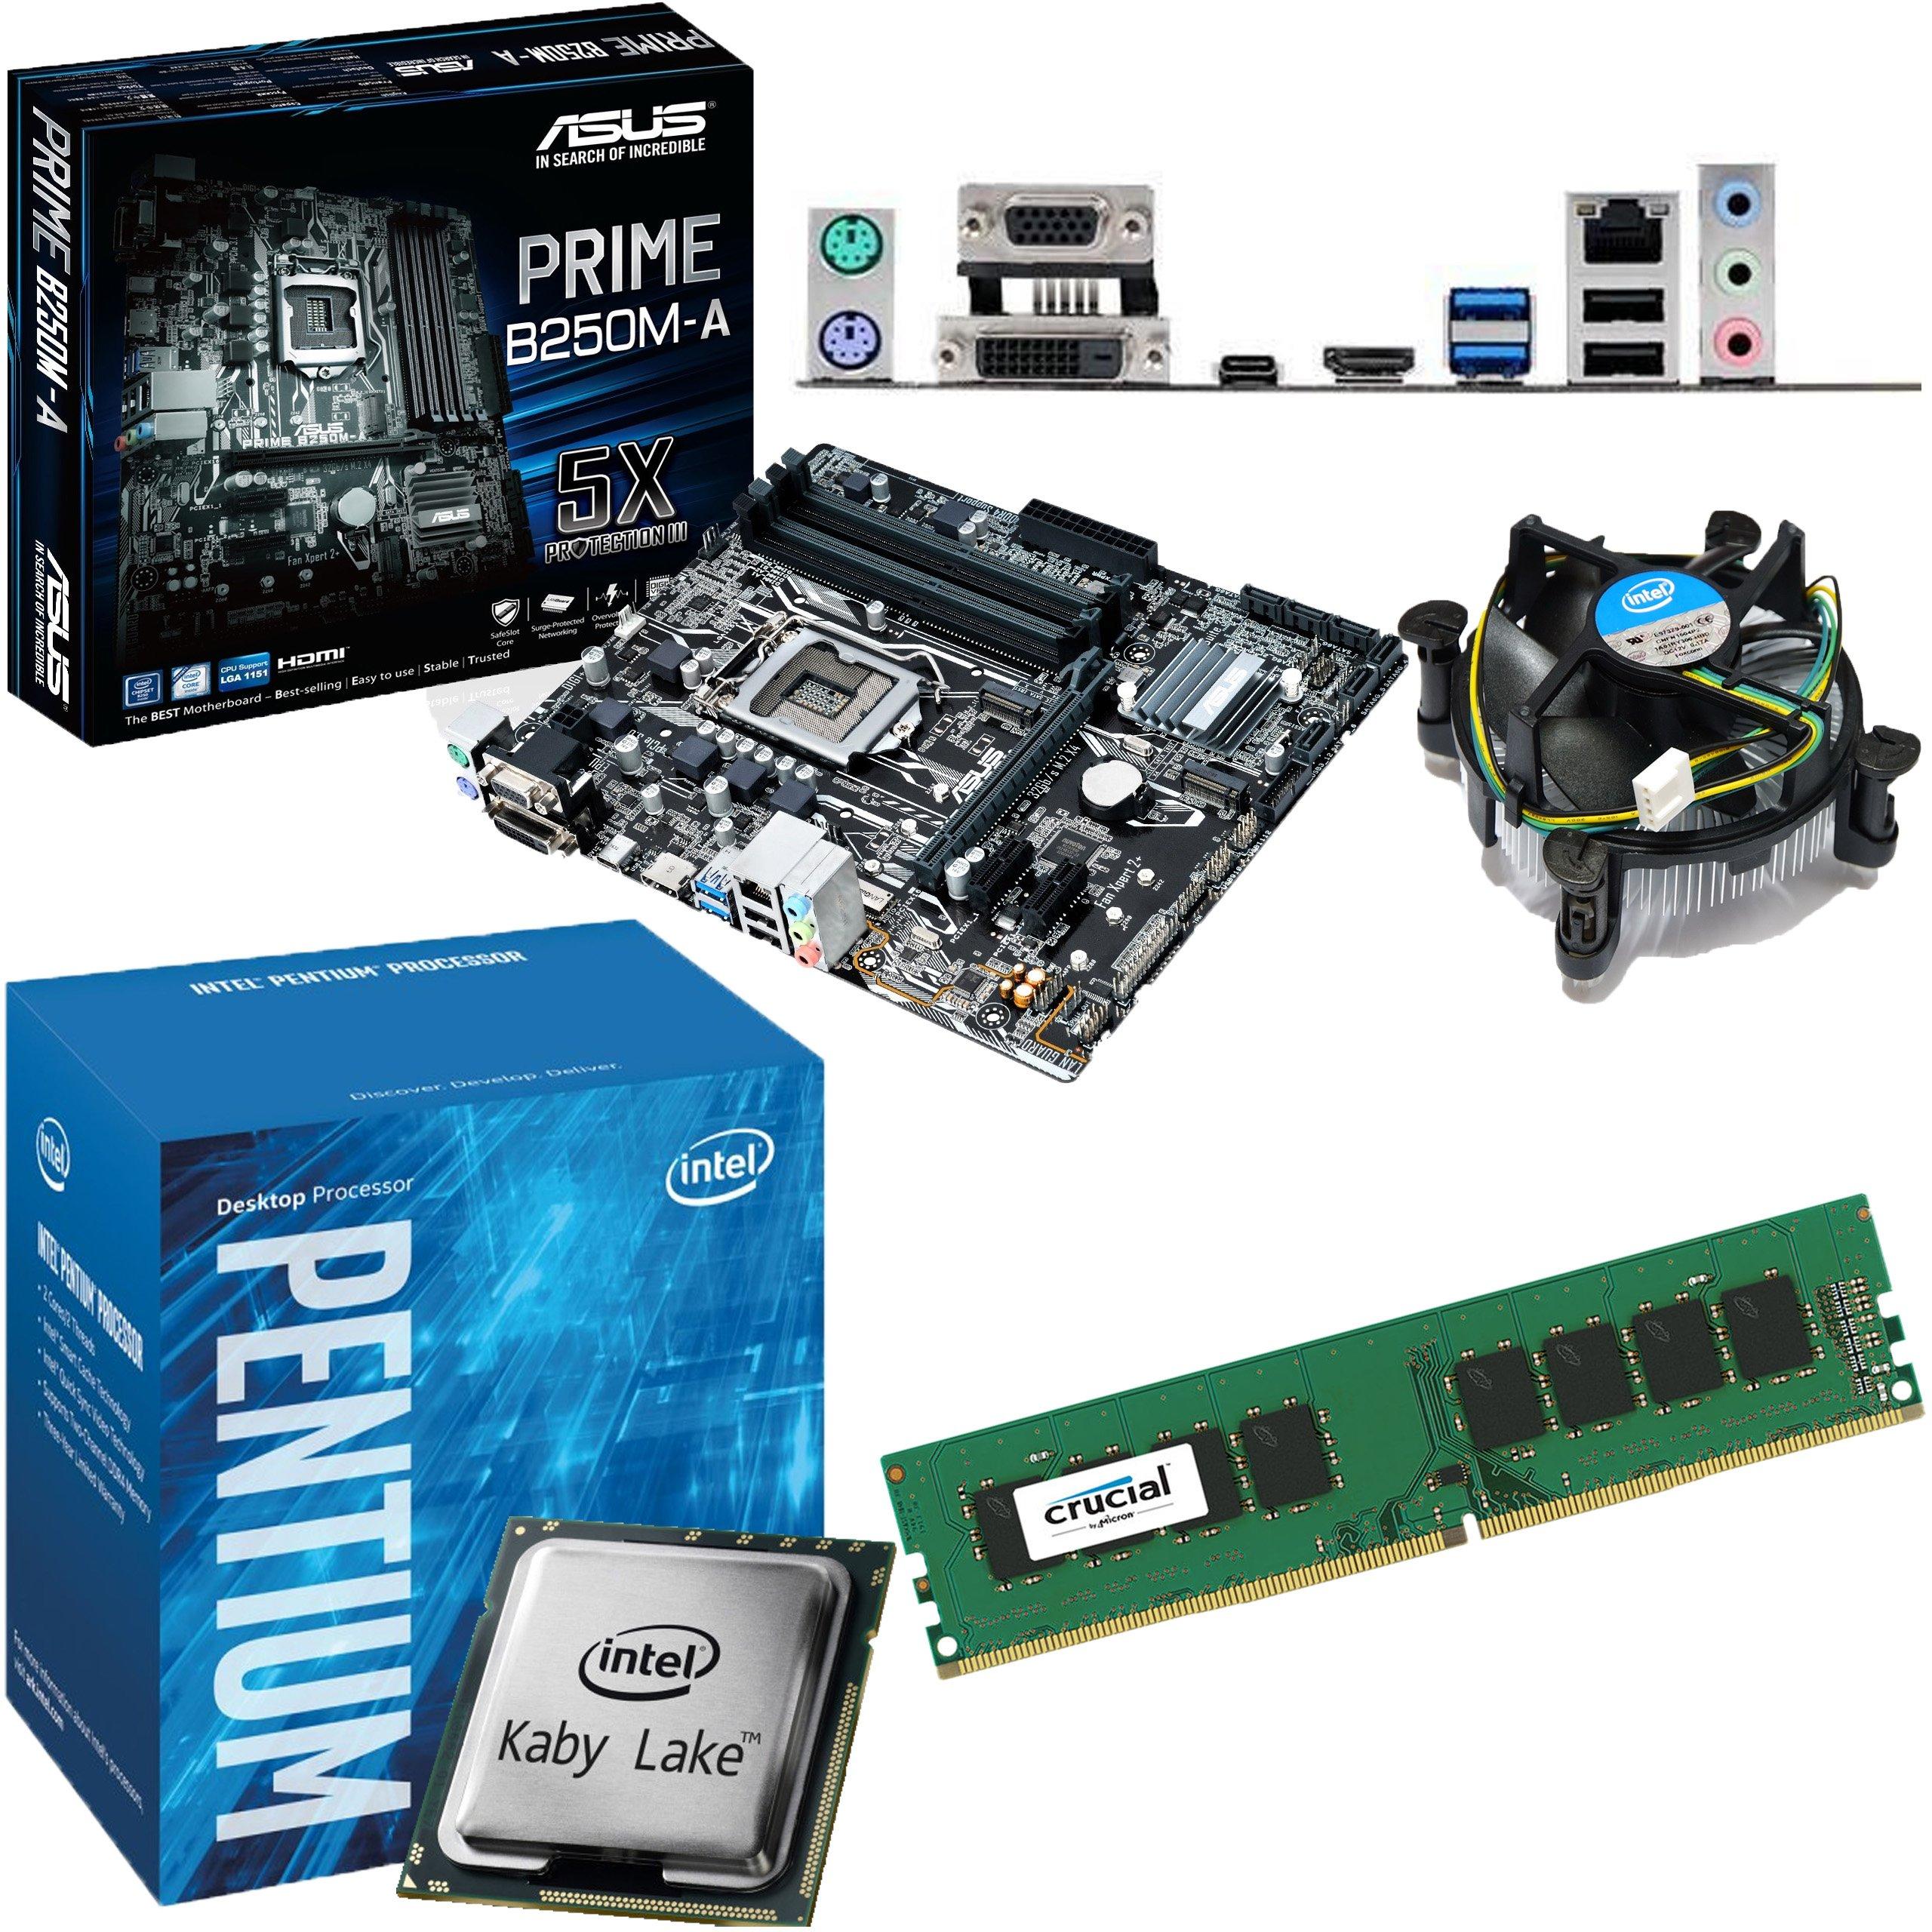 Intel KABY lago Pentium g4560 3,5 gHz, placa base Asus Prime b250 m-a pre-instalado Bundle No RAM 4GB DDR4 2400Mhz: Amazon.es: Informática